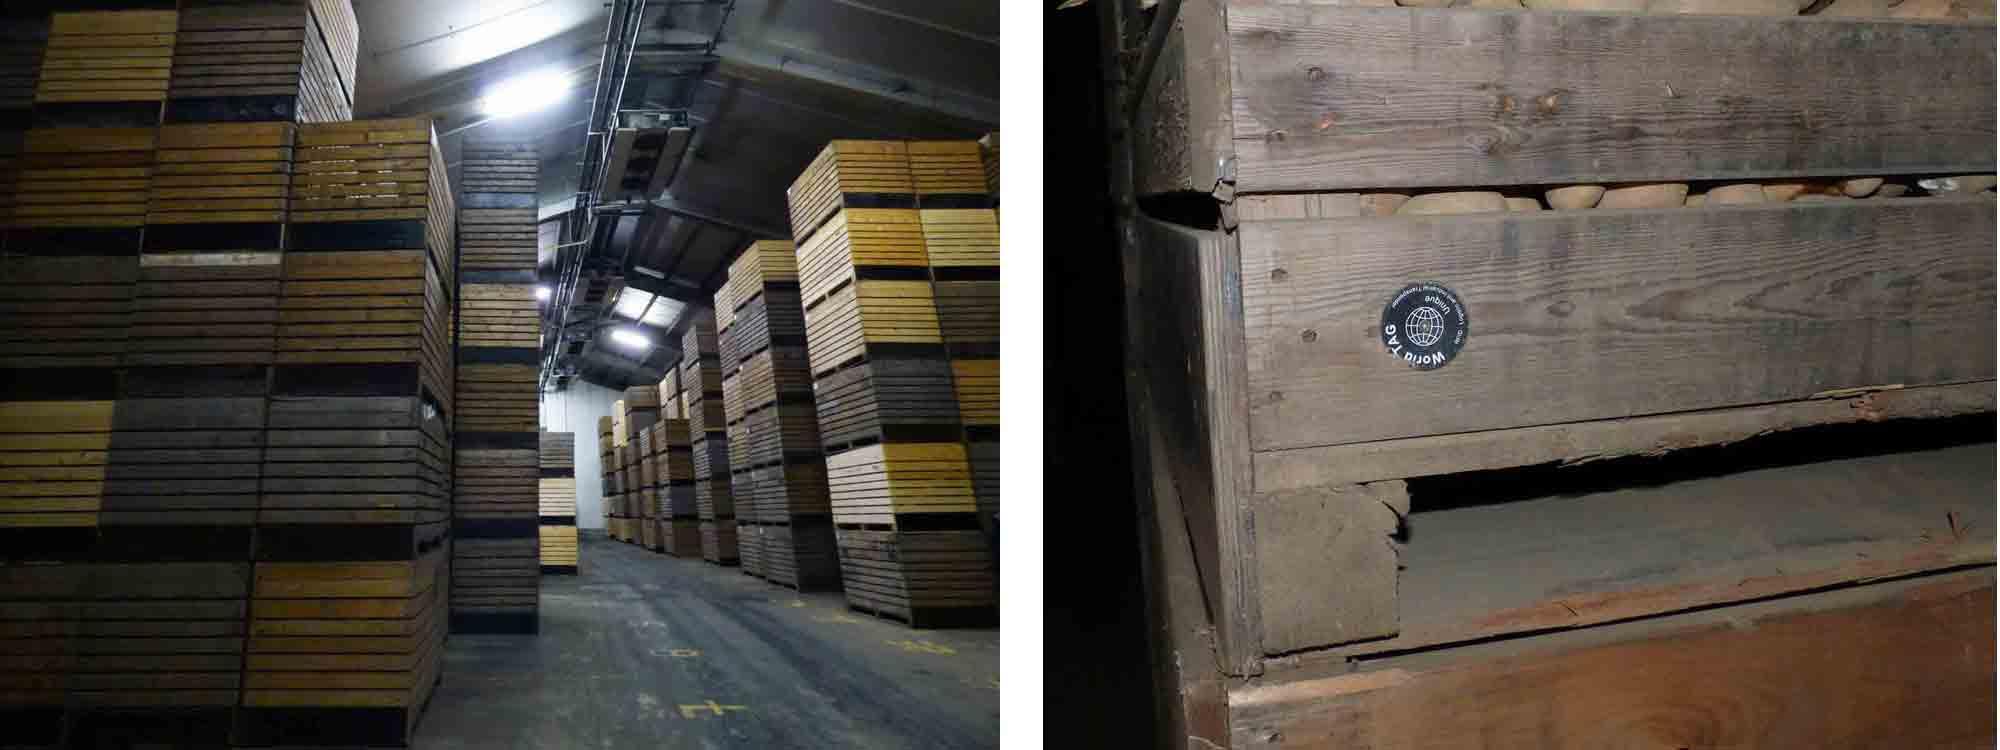 Des palox superposés contenant des tonnes de pommes de terre mais sur chaque palox une puce permettant une traçabilité sans faille